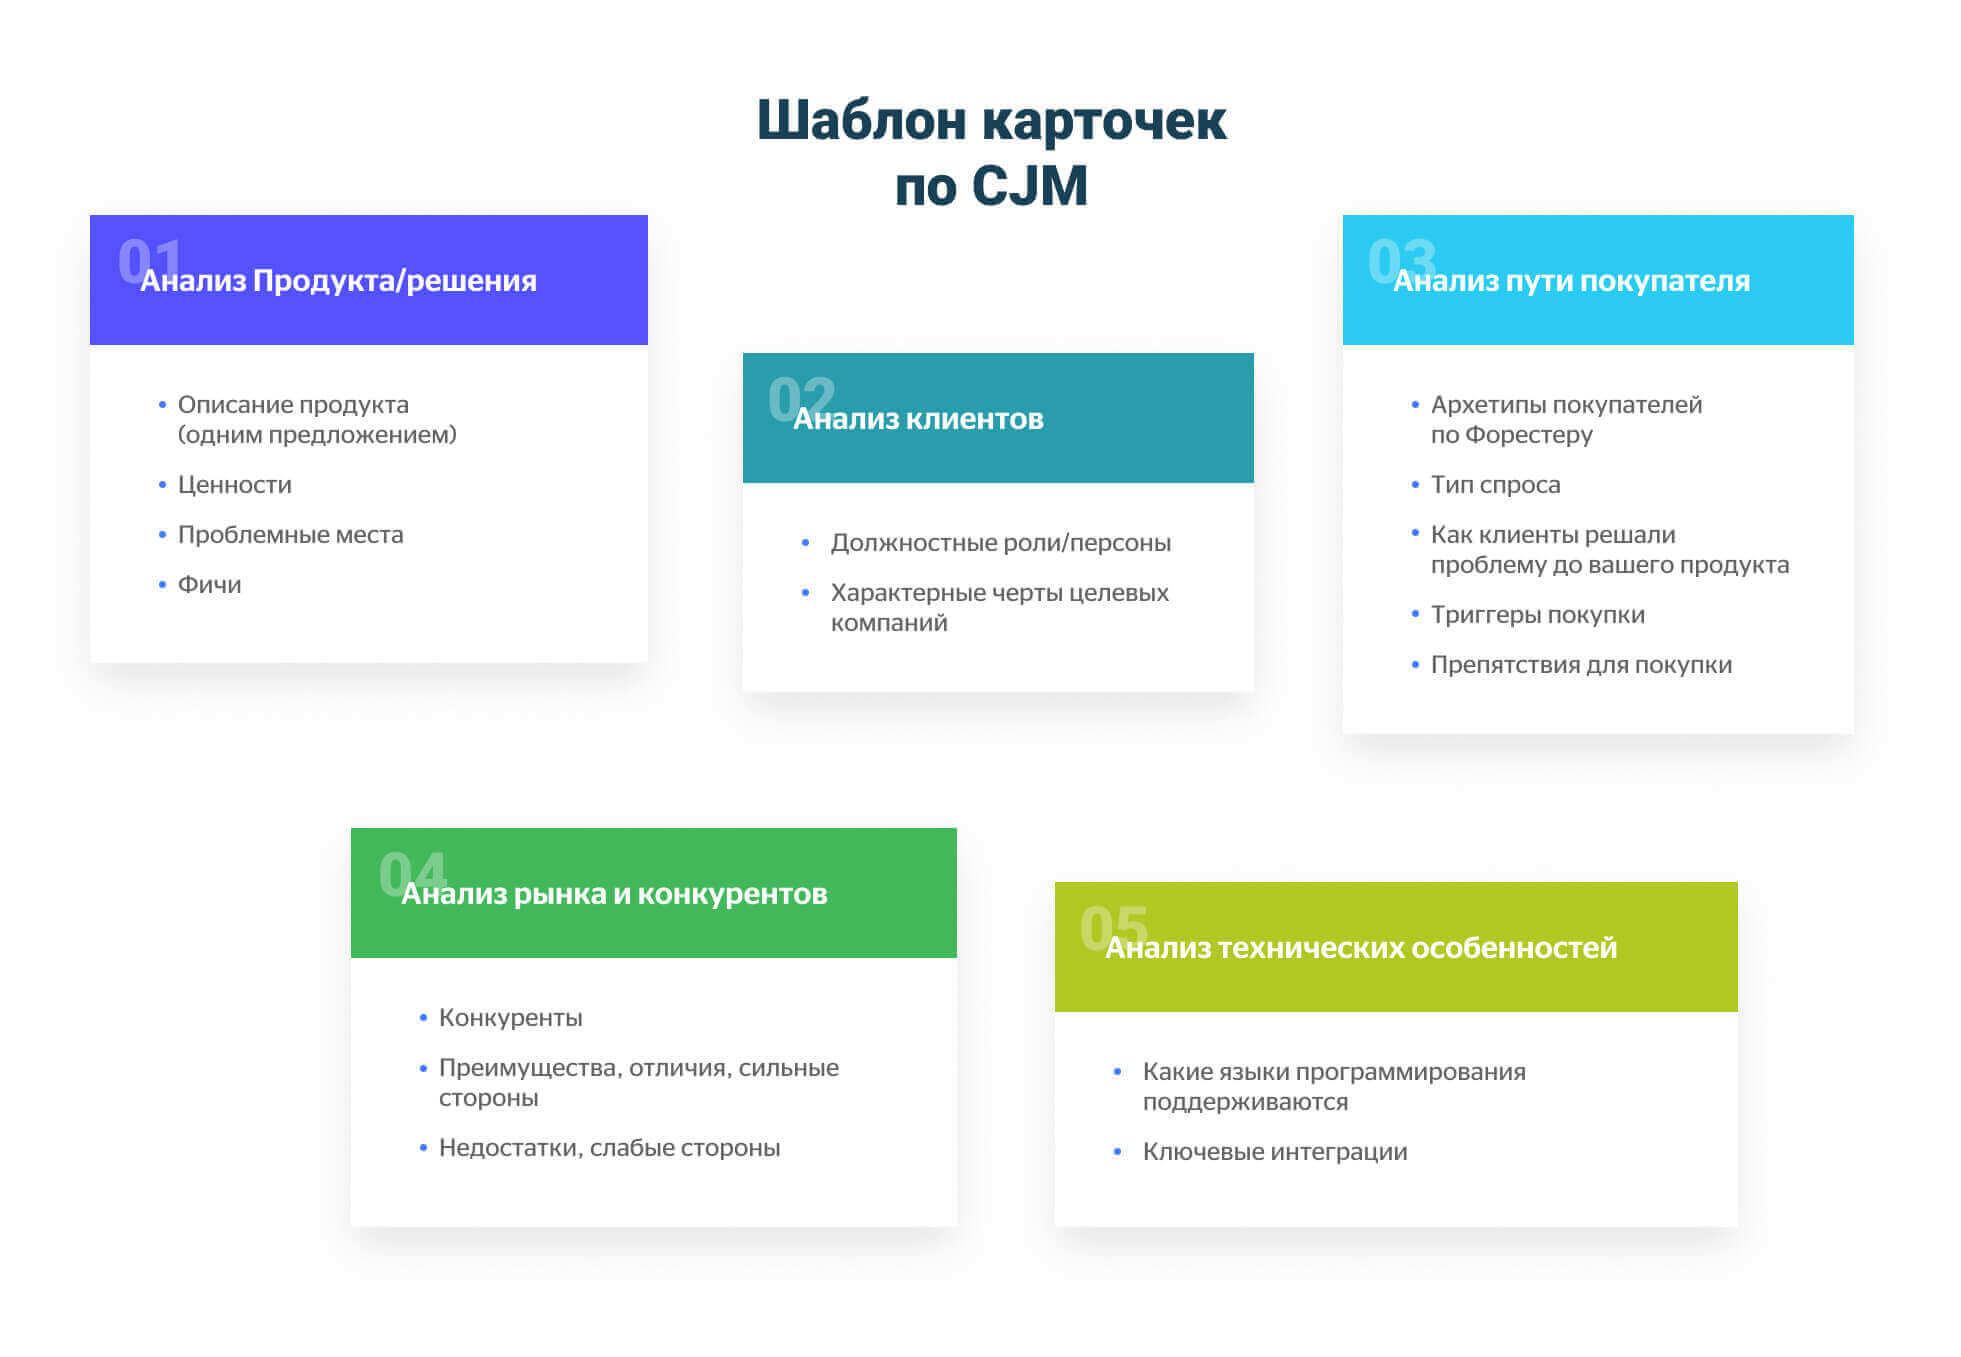 Шаблон карточек по CJM